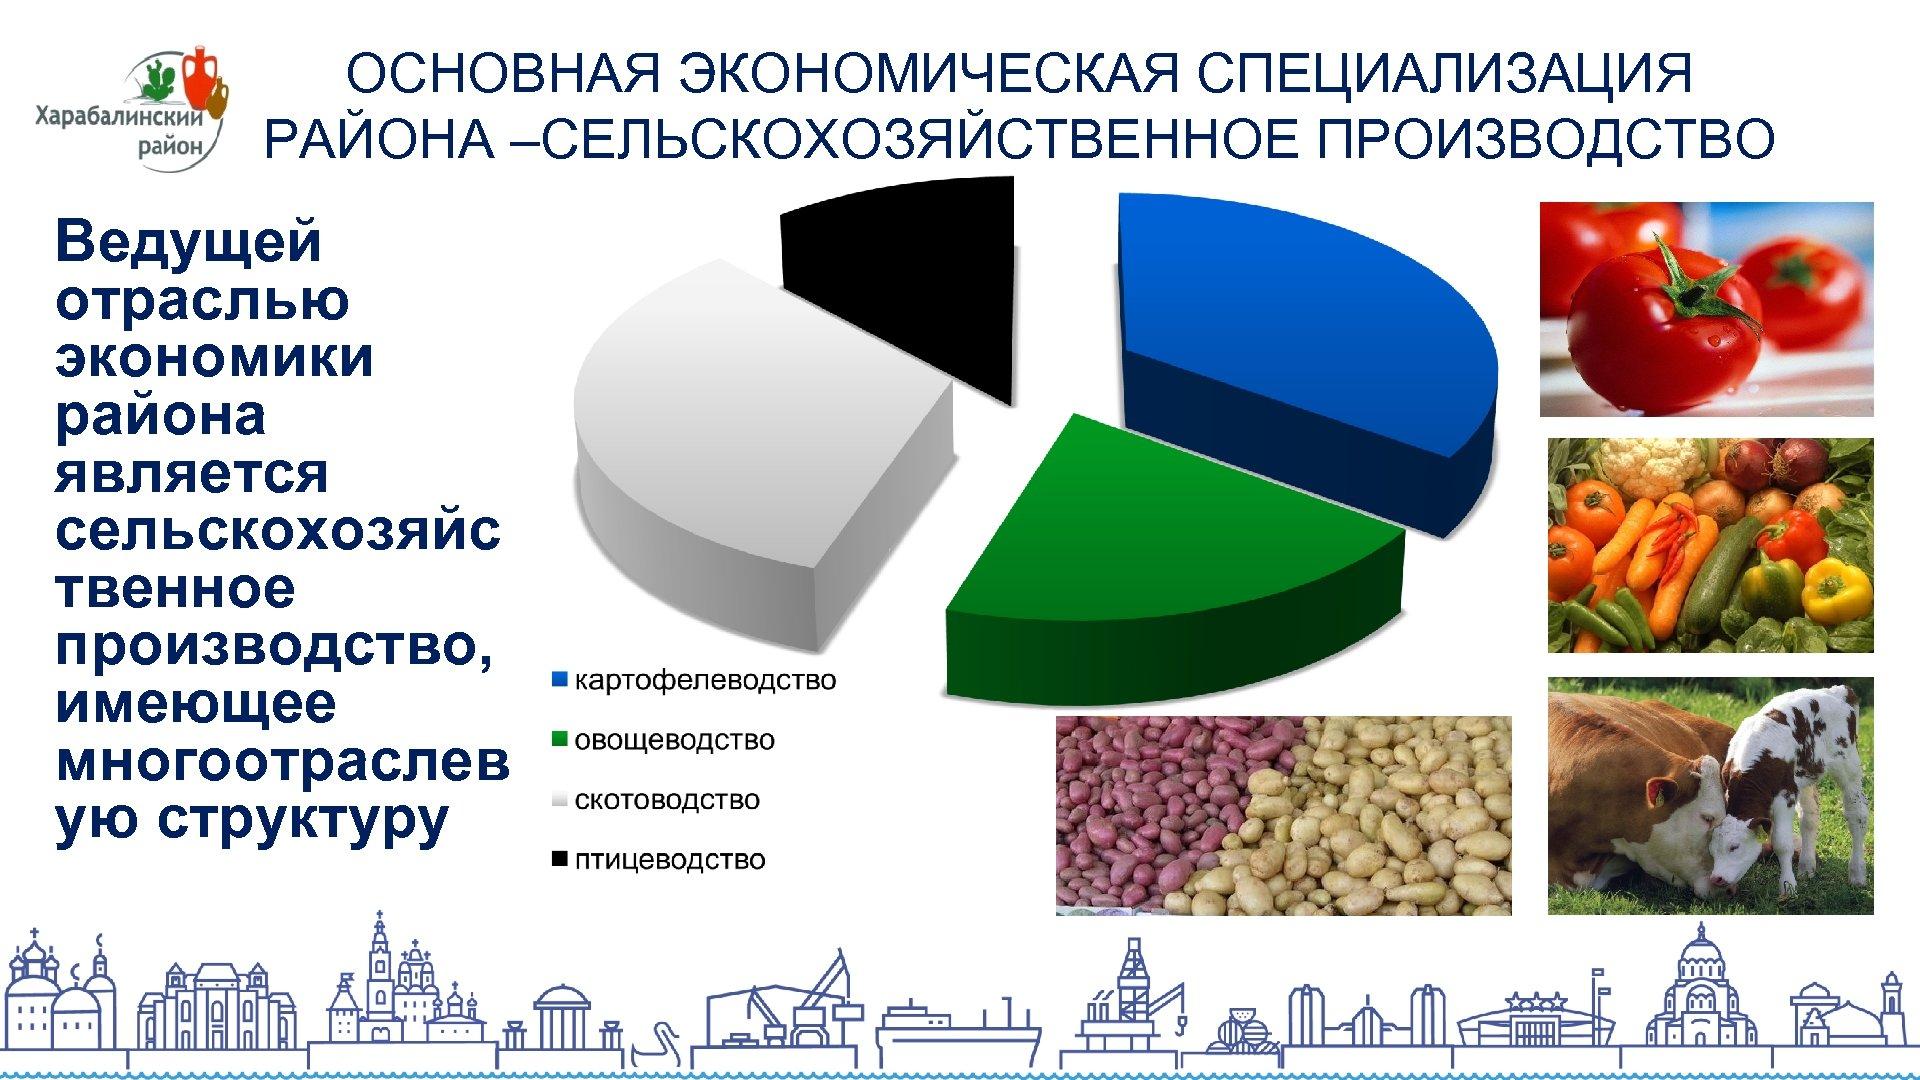 ОСНОВНАЯ ЭКОНОМИЧЕСКАЯ СПЕЦИАЛИЗАЦИЯ РАЙОНА –СЕЛЬСКОХОЗЯЙСТВЕННОЕ ПРОИЗВОДСТВО Ведущей отраслью экономики района является сельскохозяйс твенное производство,